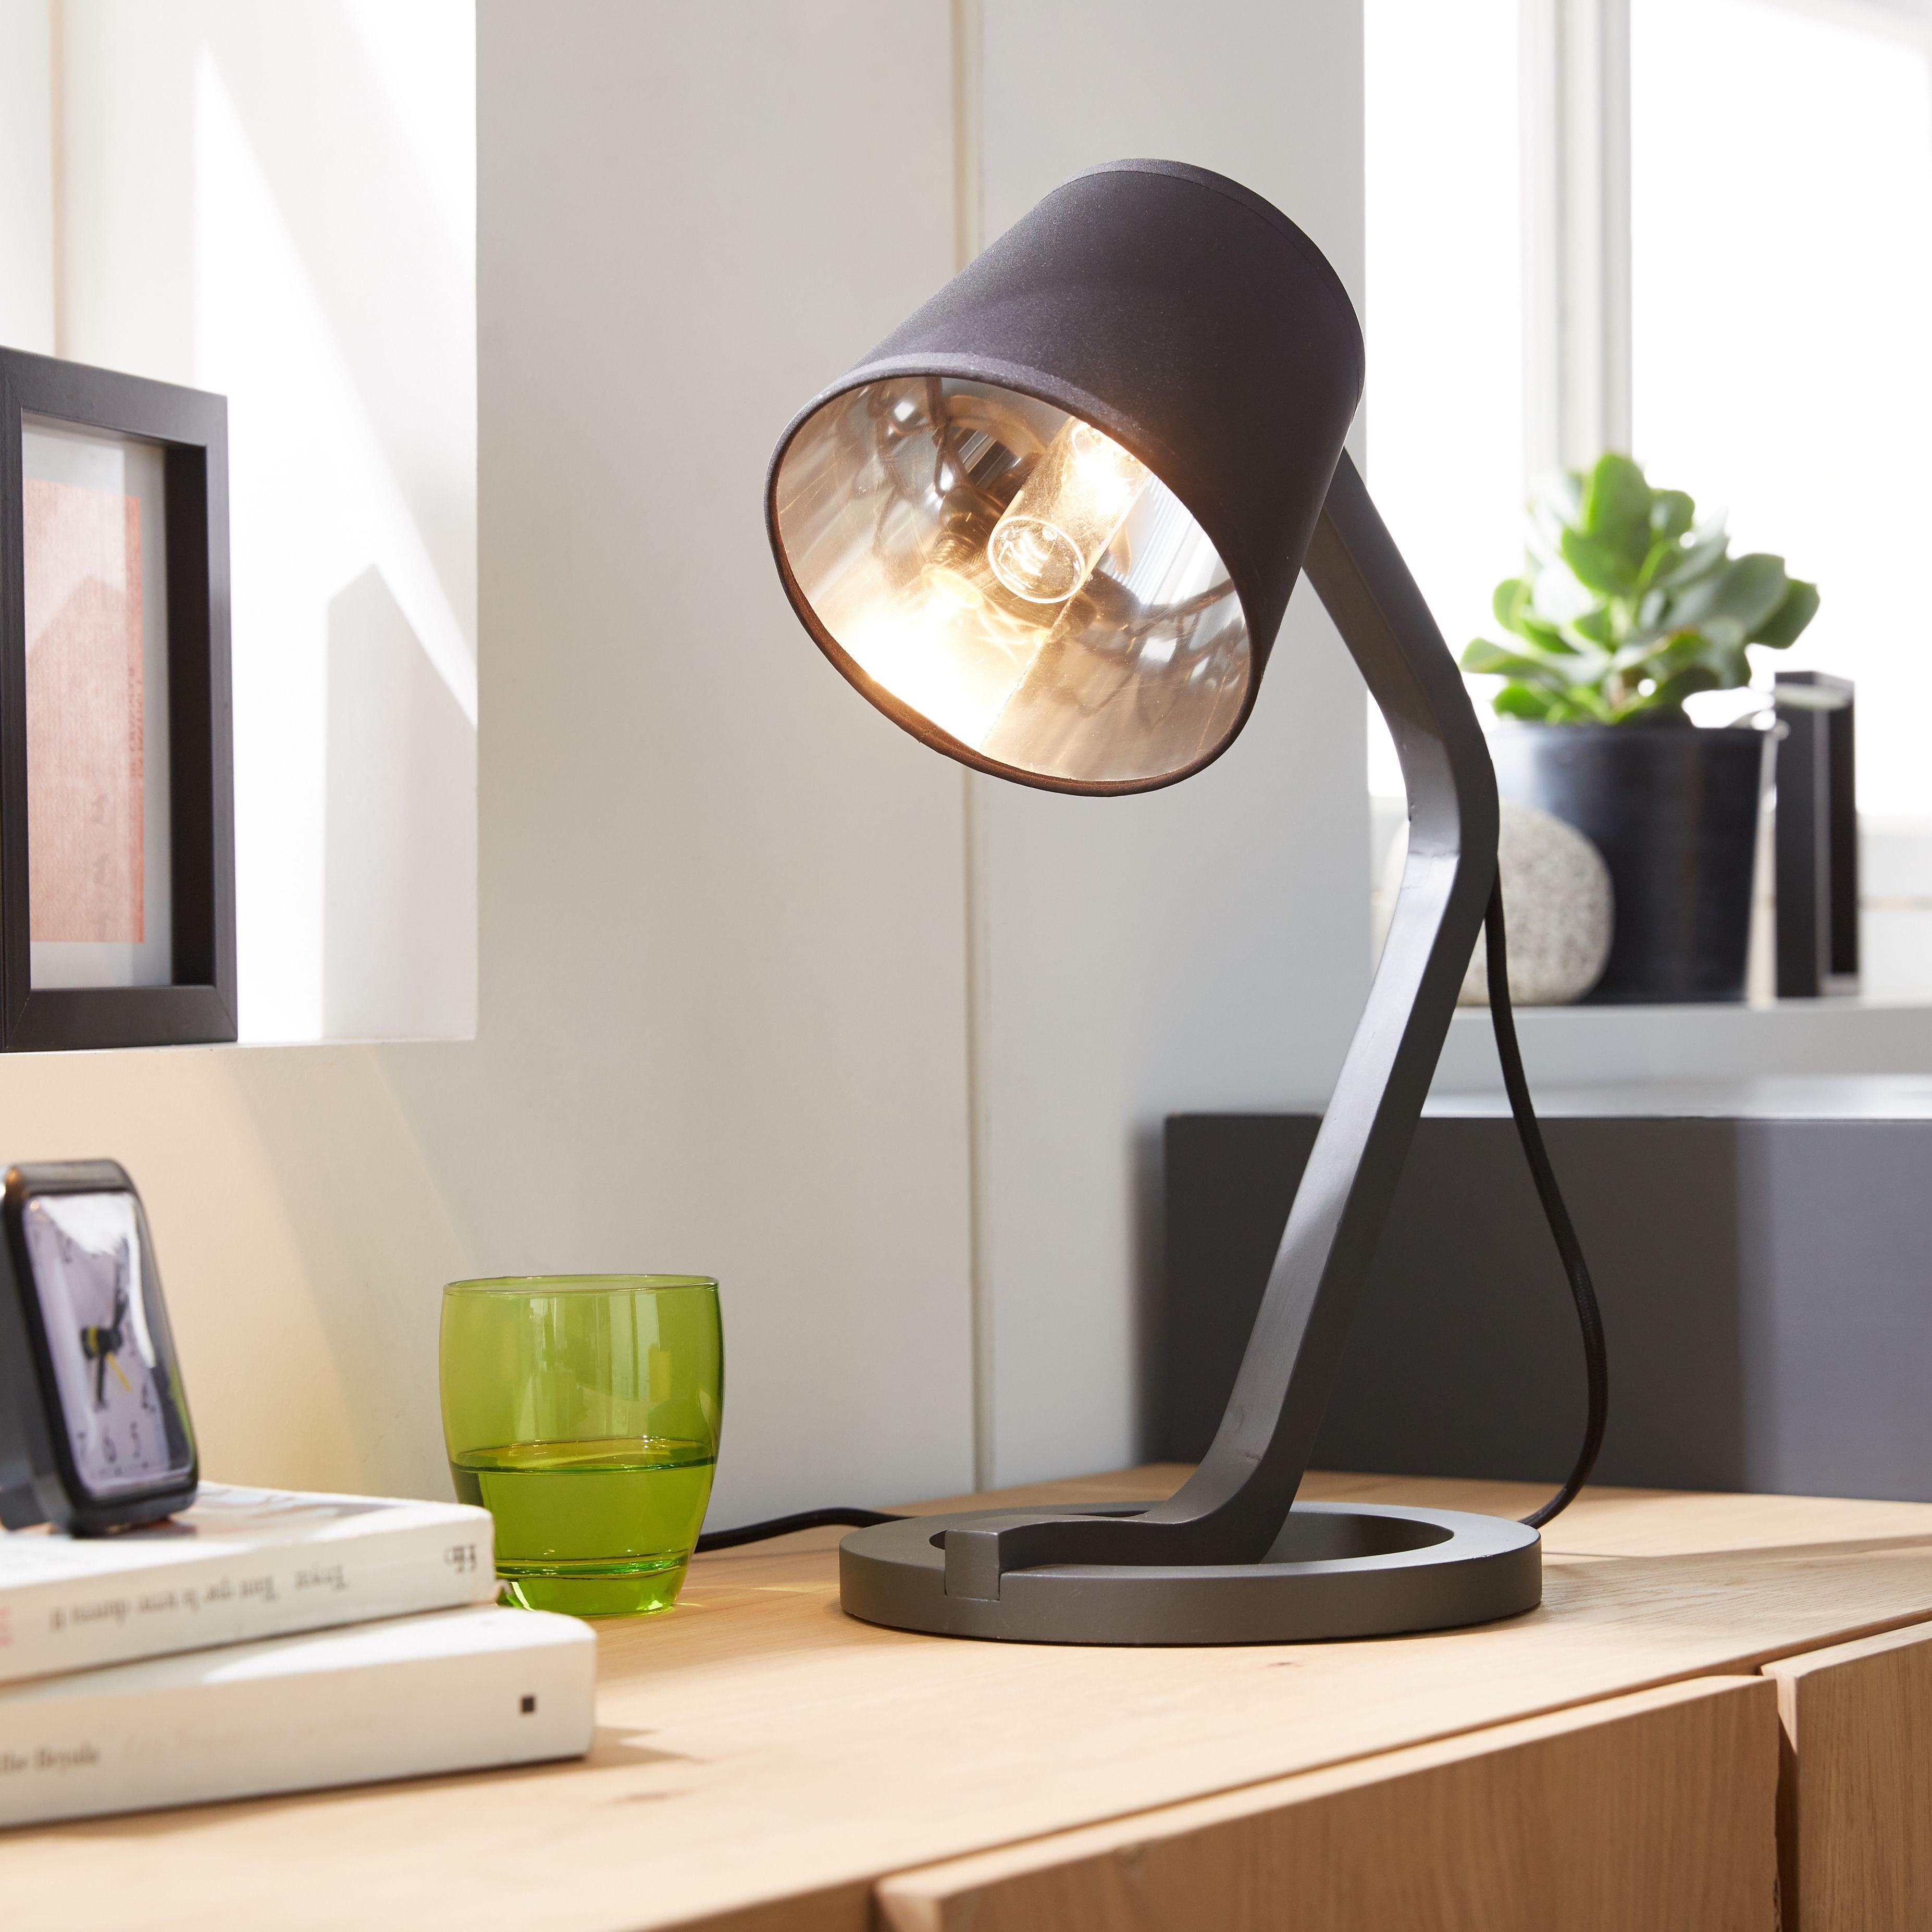 Mokuzai Lampe Poser En Ch Ne Et Coton Noir H41cm Alin A  # Table Tv A Roulette Alinea